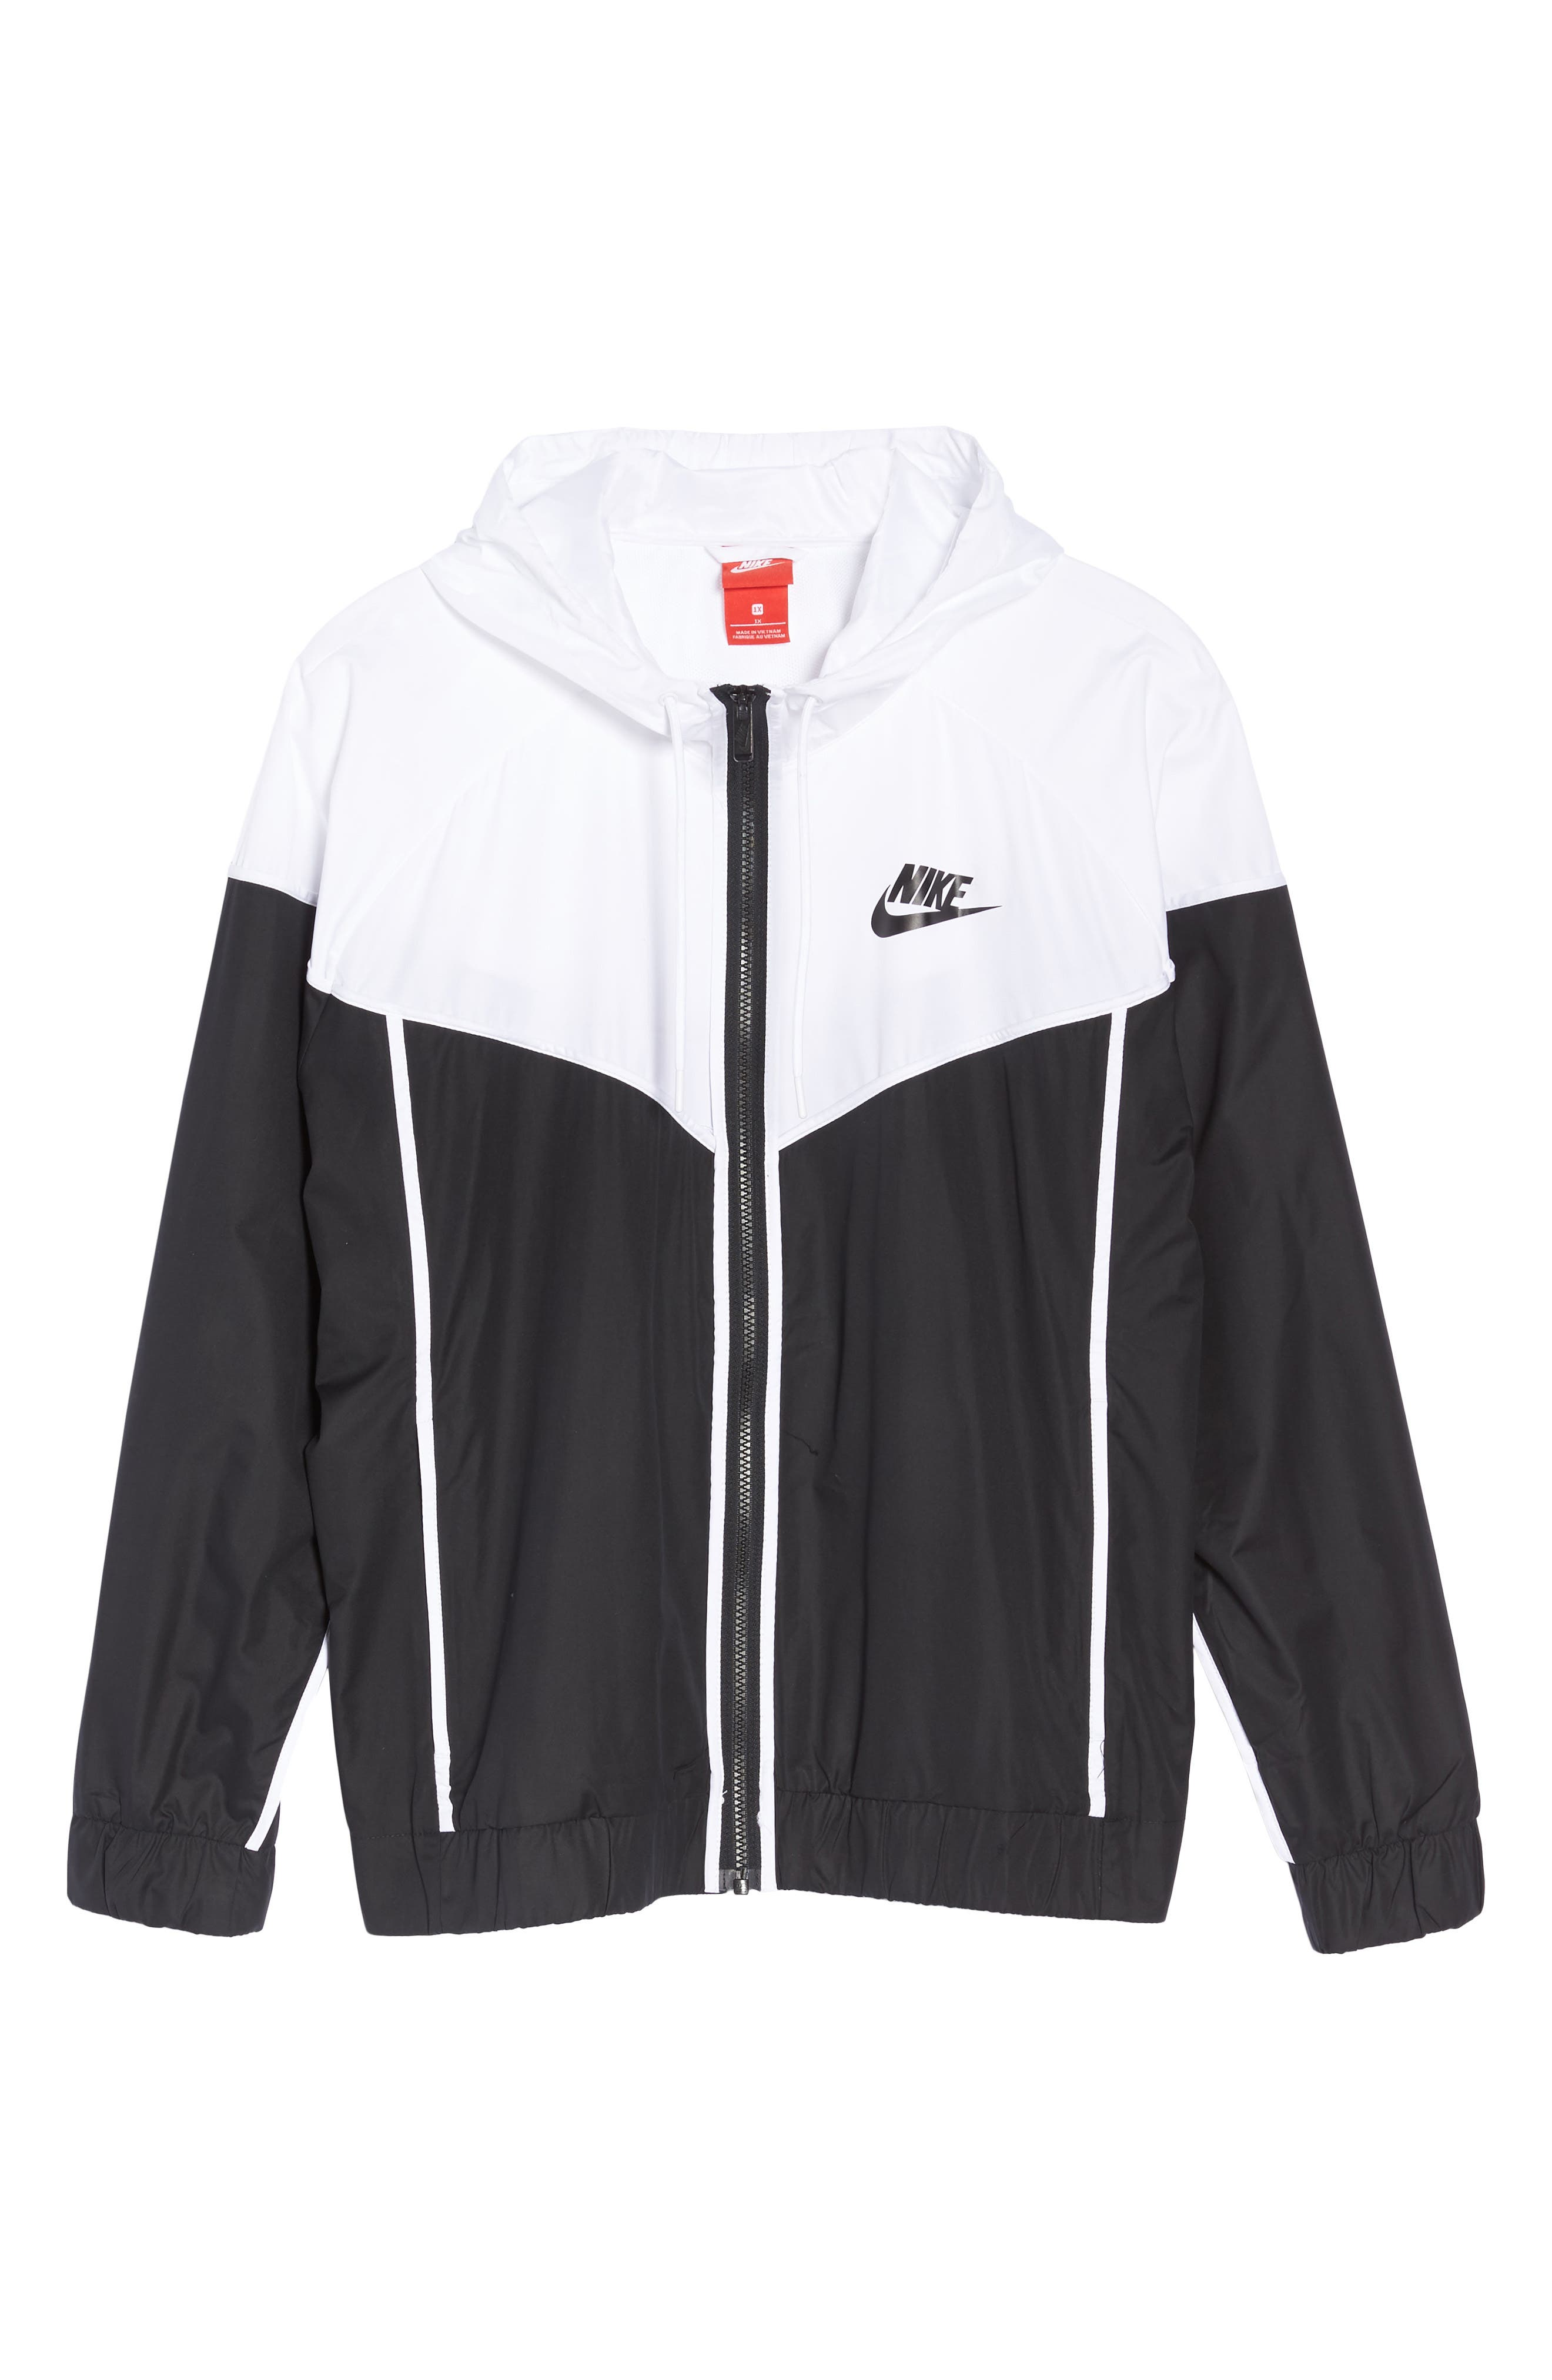 Sportswear Windrunner Jacket,                             Alternate thumbnail 6, color,                             BLACK/ WHITE/ BLACK